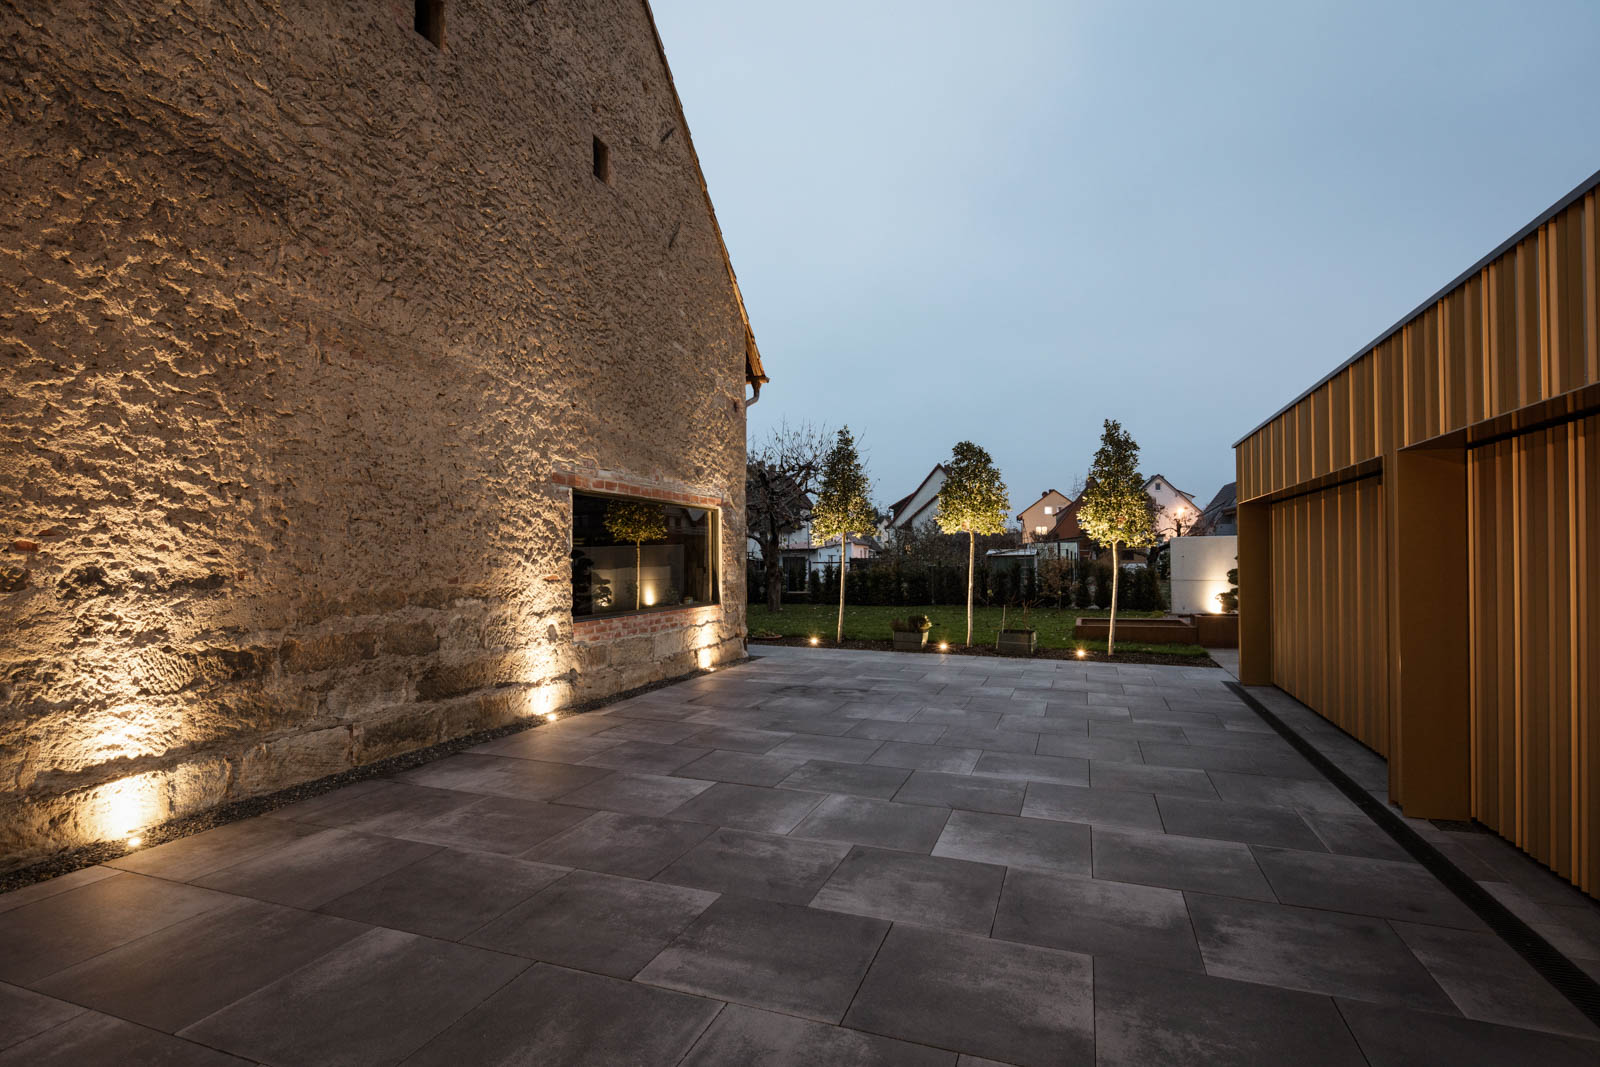 Nickel und Wachter Architekten - Gartenneugestaltung